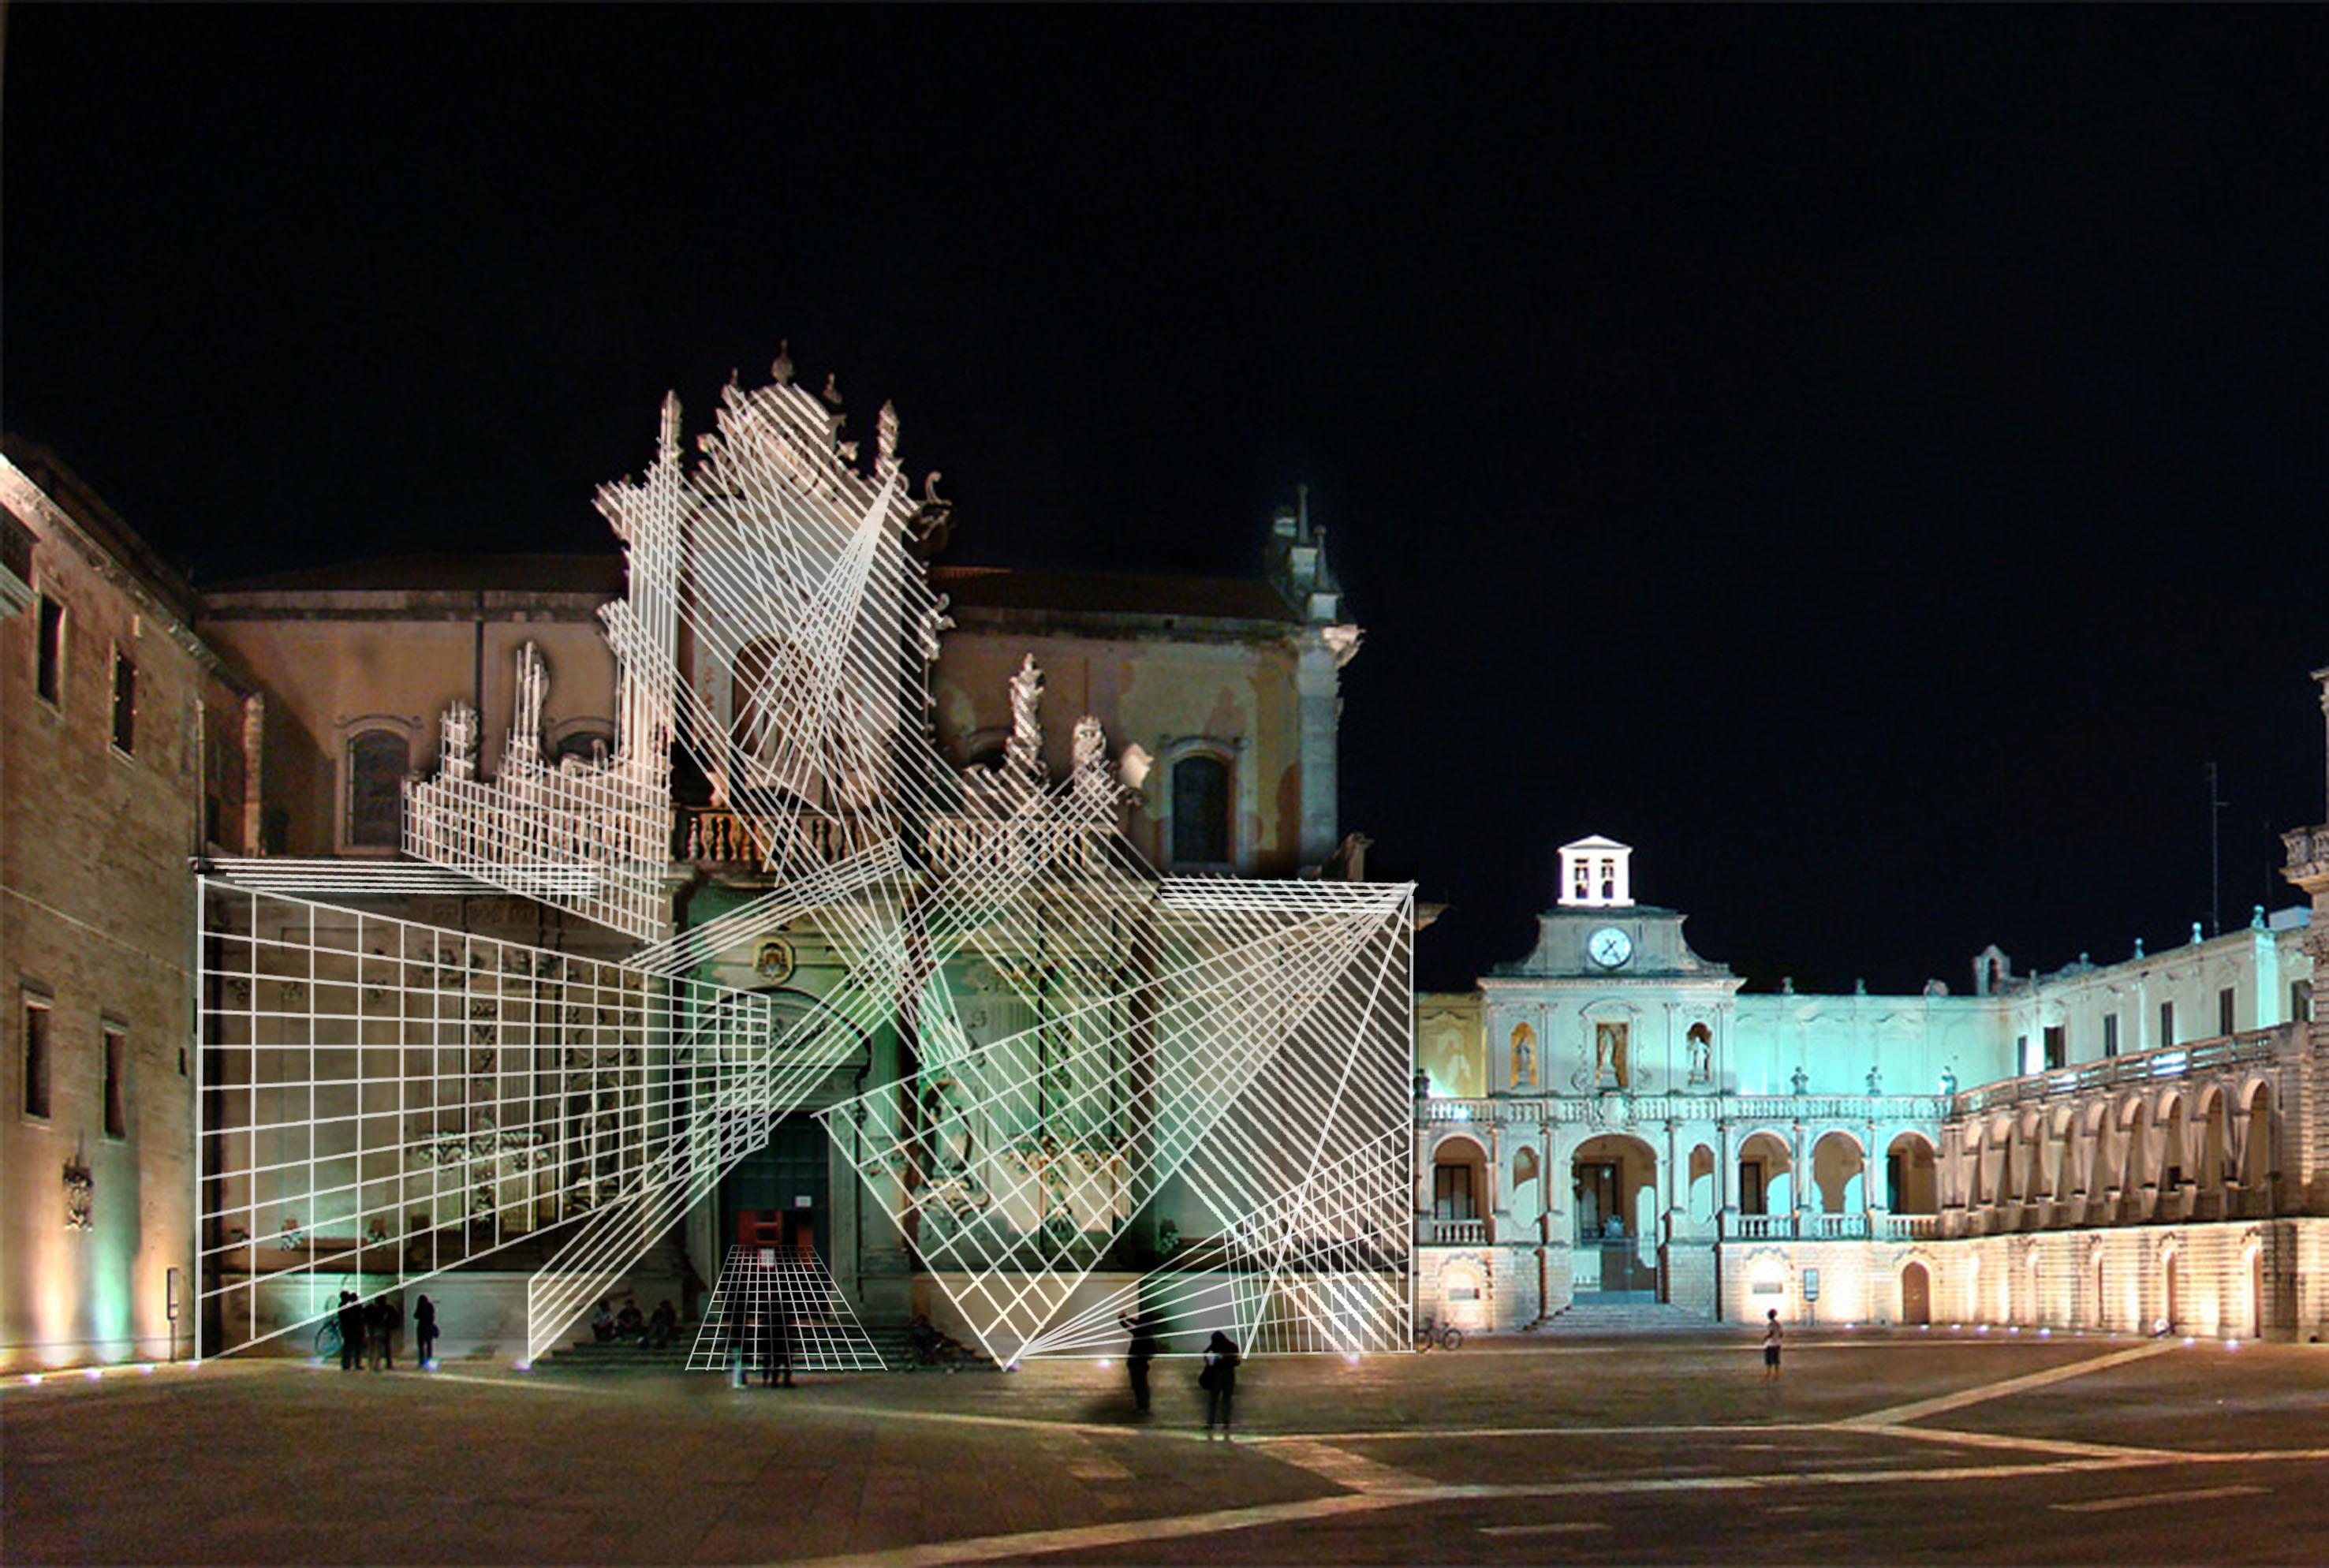 Giancarlo Cauteruccio, Lux, Piazza Duomo, Lecce